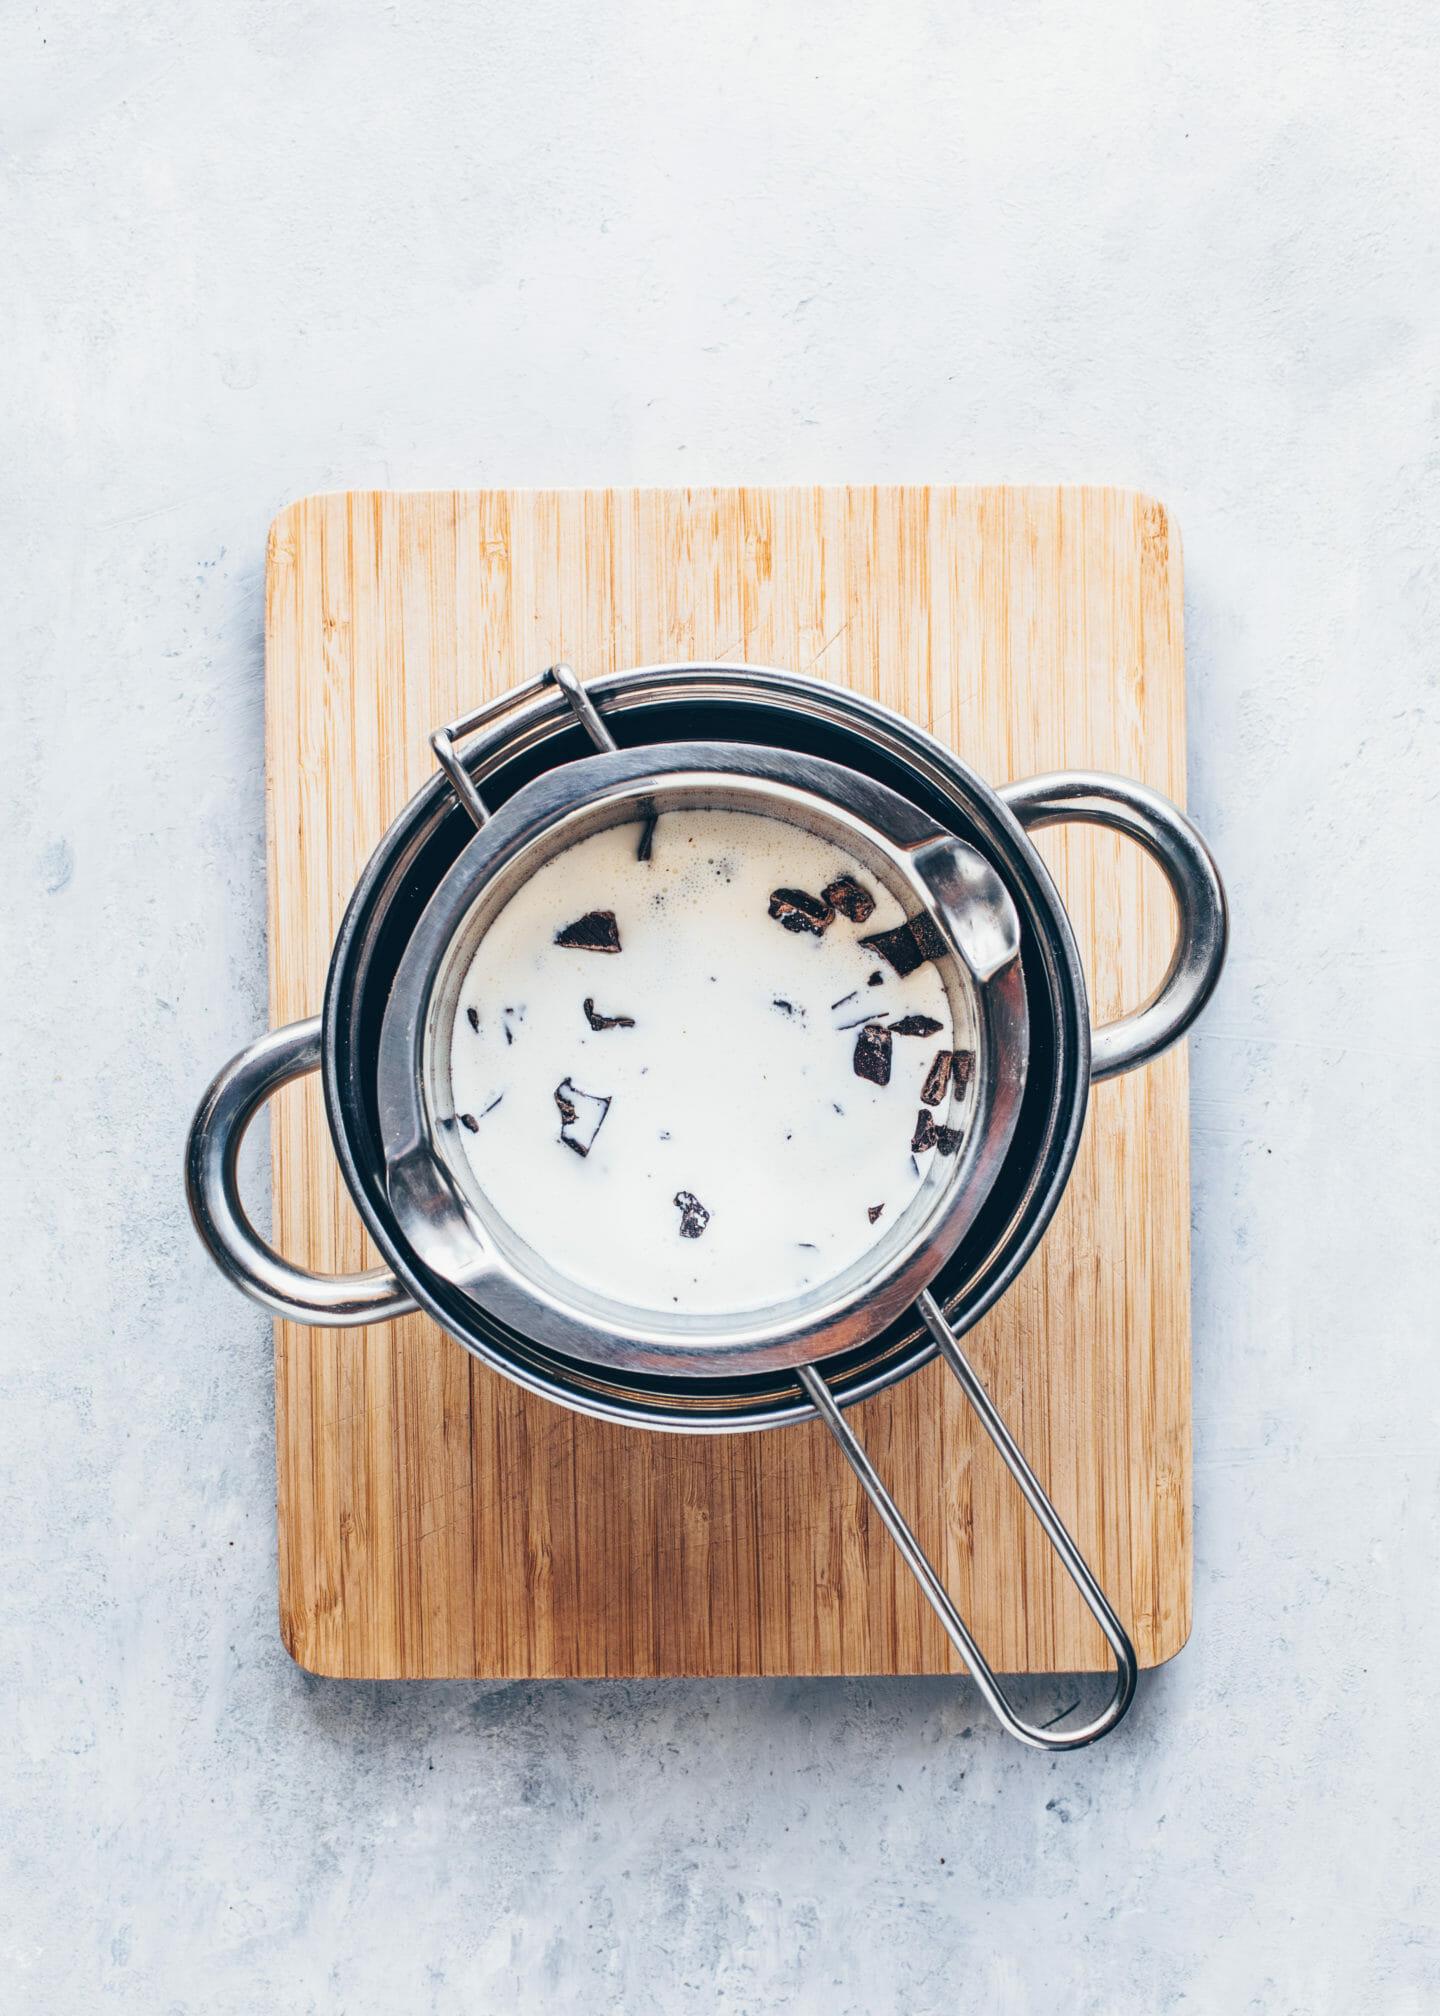 Schokolade und Kokosmilch über einem Wasserbad schmelzen für Haselnuss-Schoko-Aufstrich